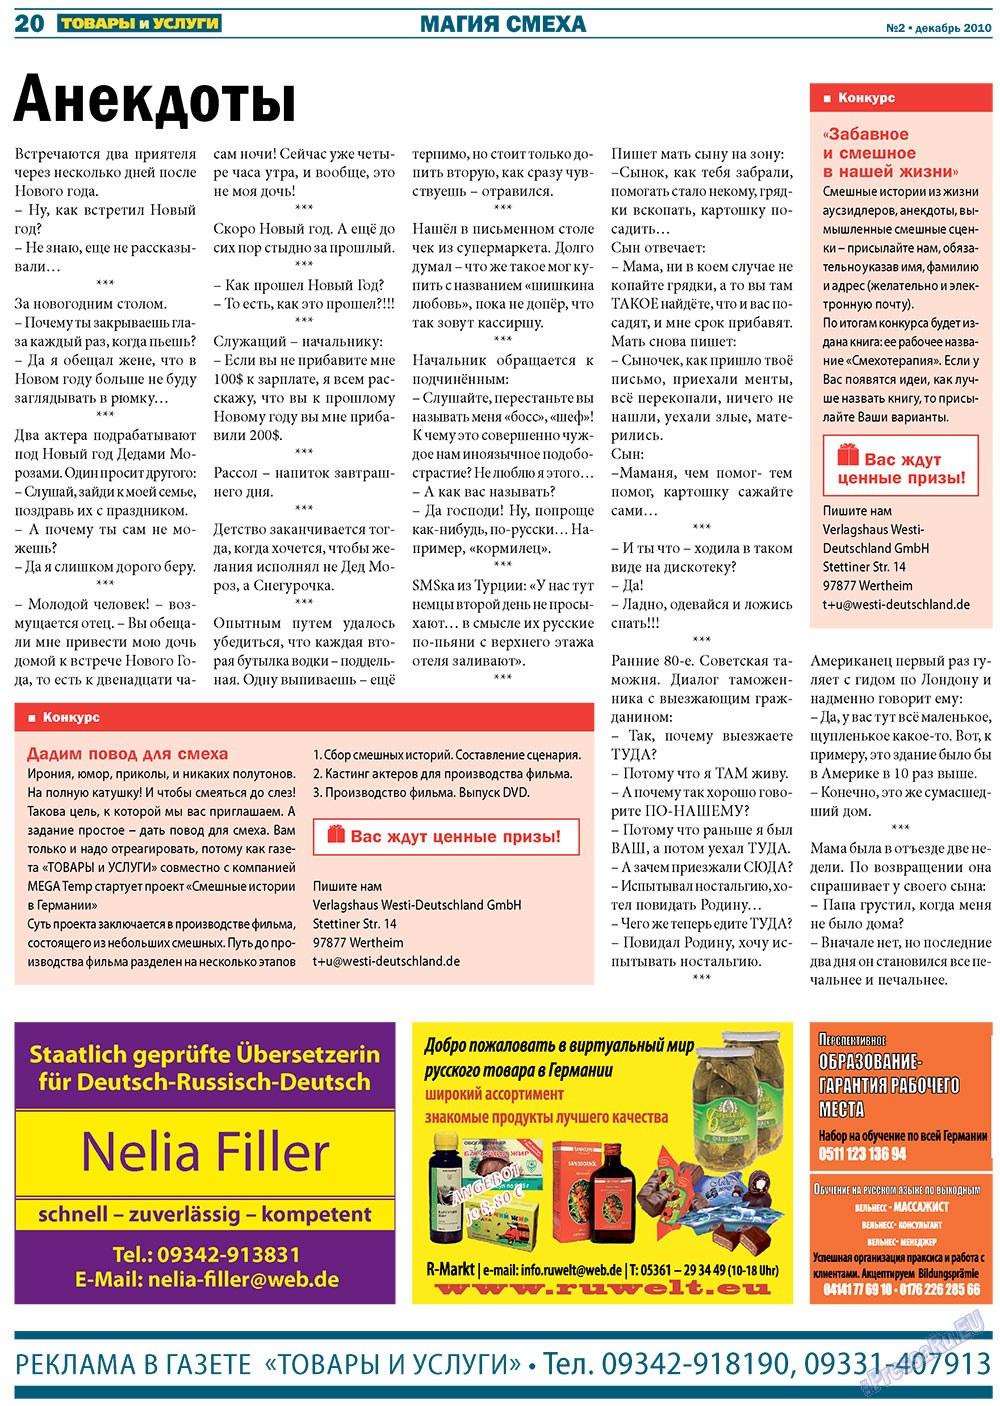 Товары и услуги (газета). 2010 год, номер 2, стр. 20